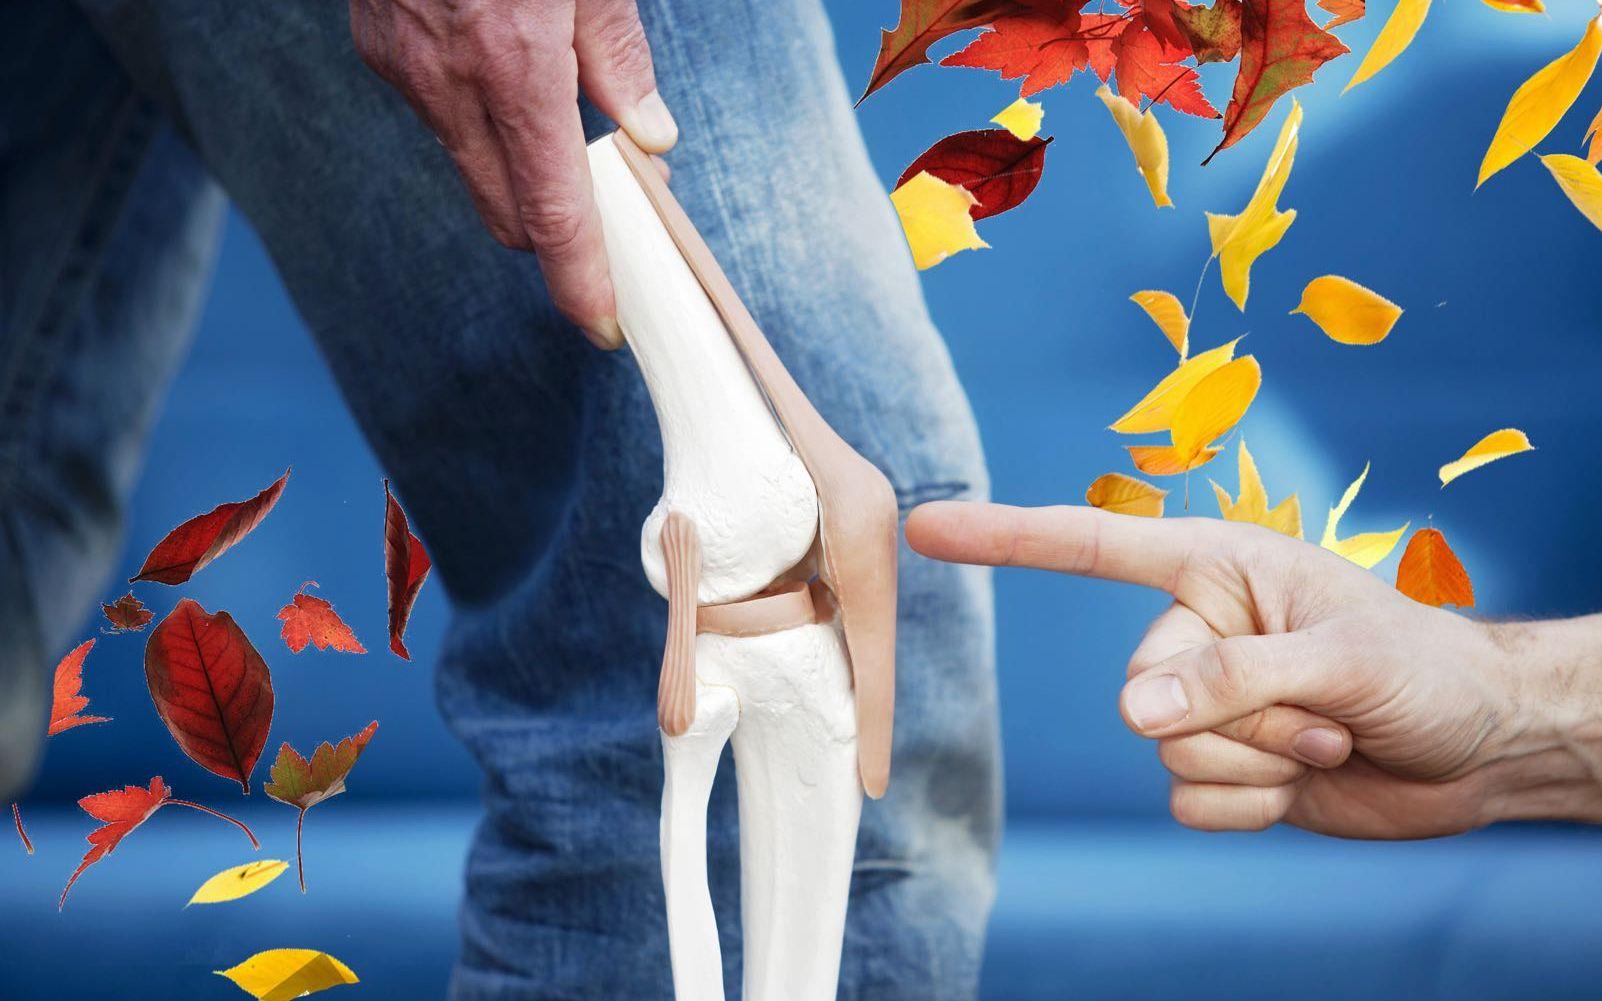 """世界关节炎日丨不只是""""老年病"""" 久站久坐、运动不当都是诱因图片"""